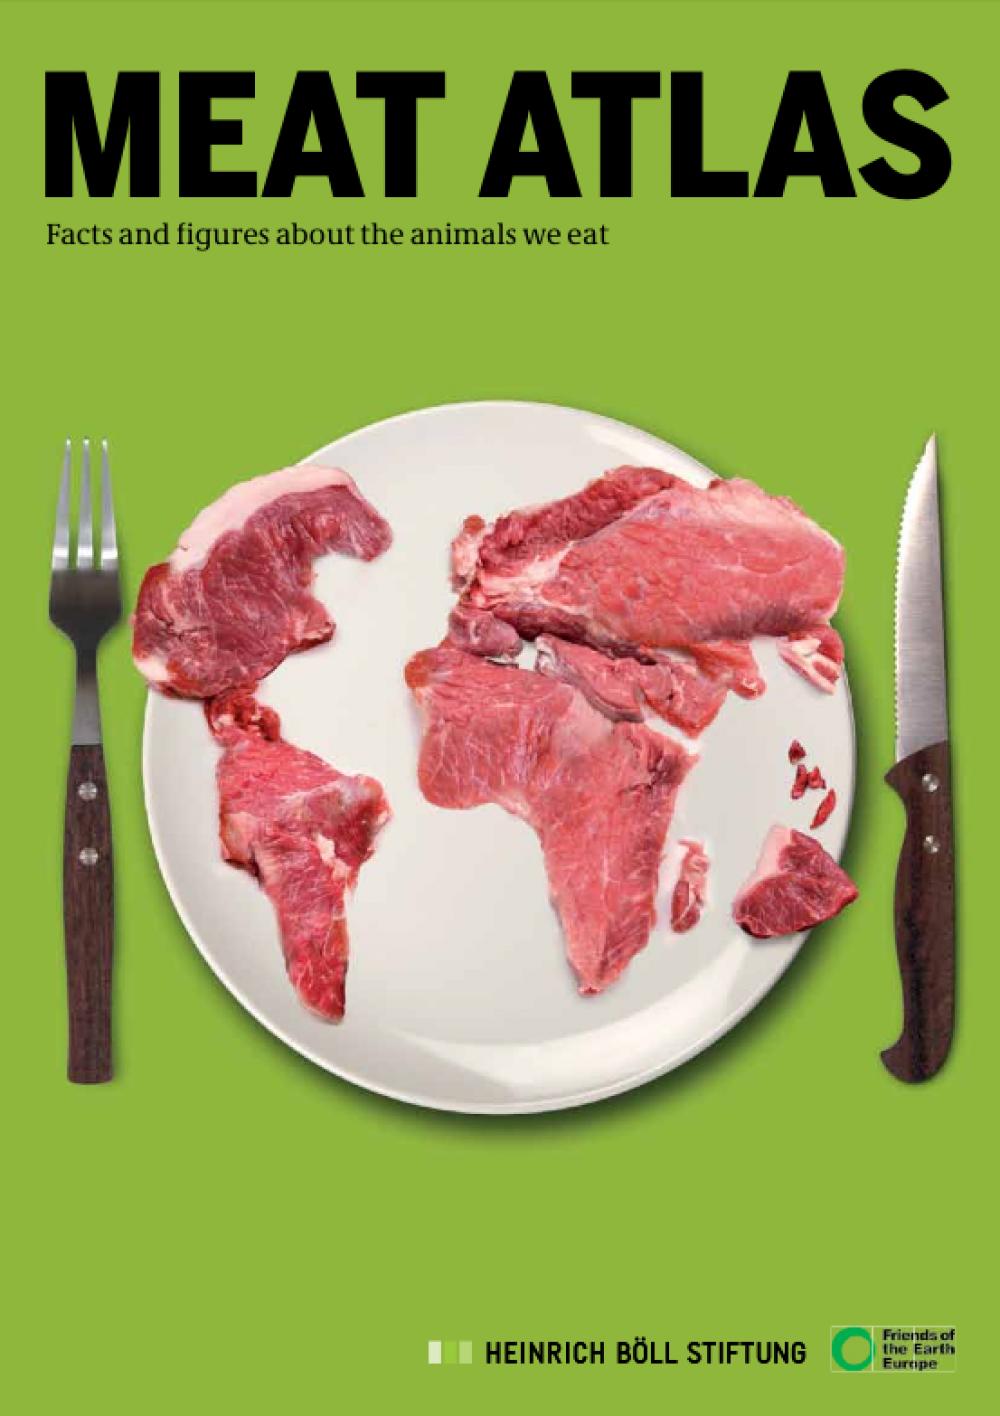 Meat Atlas 2014.